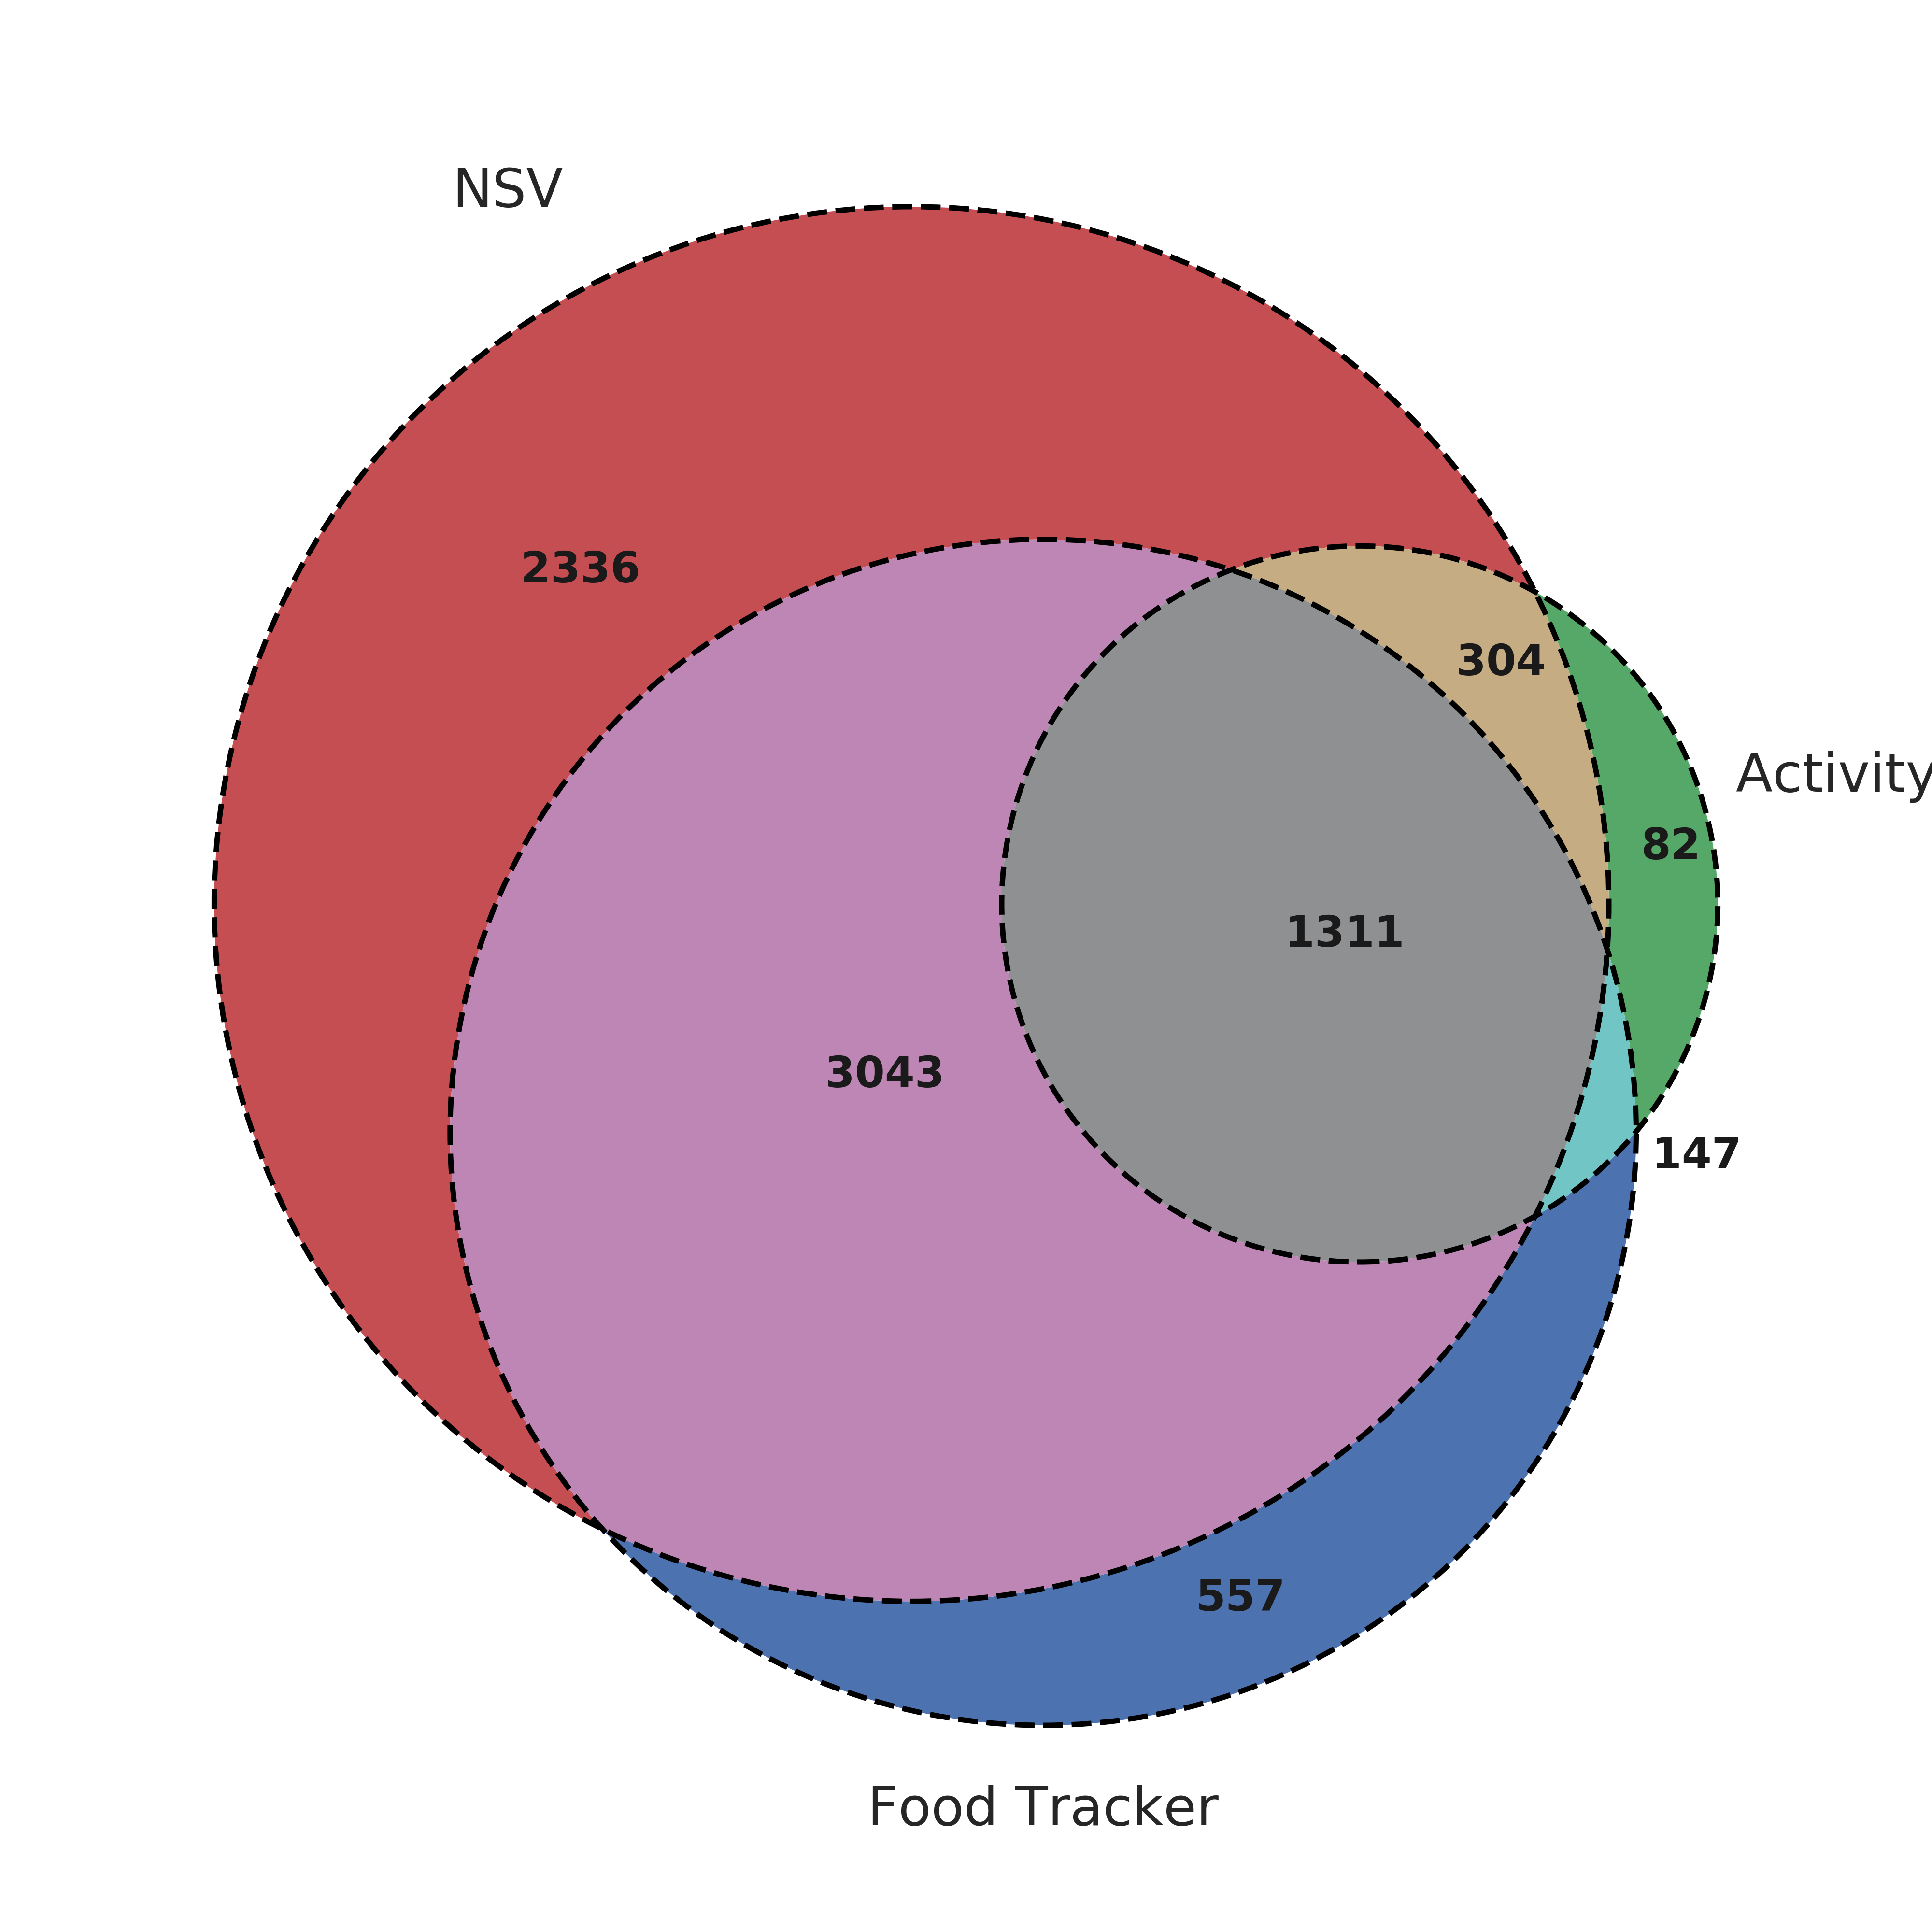 nsv activity food tracker venn diagram